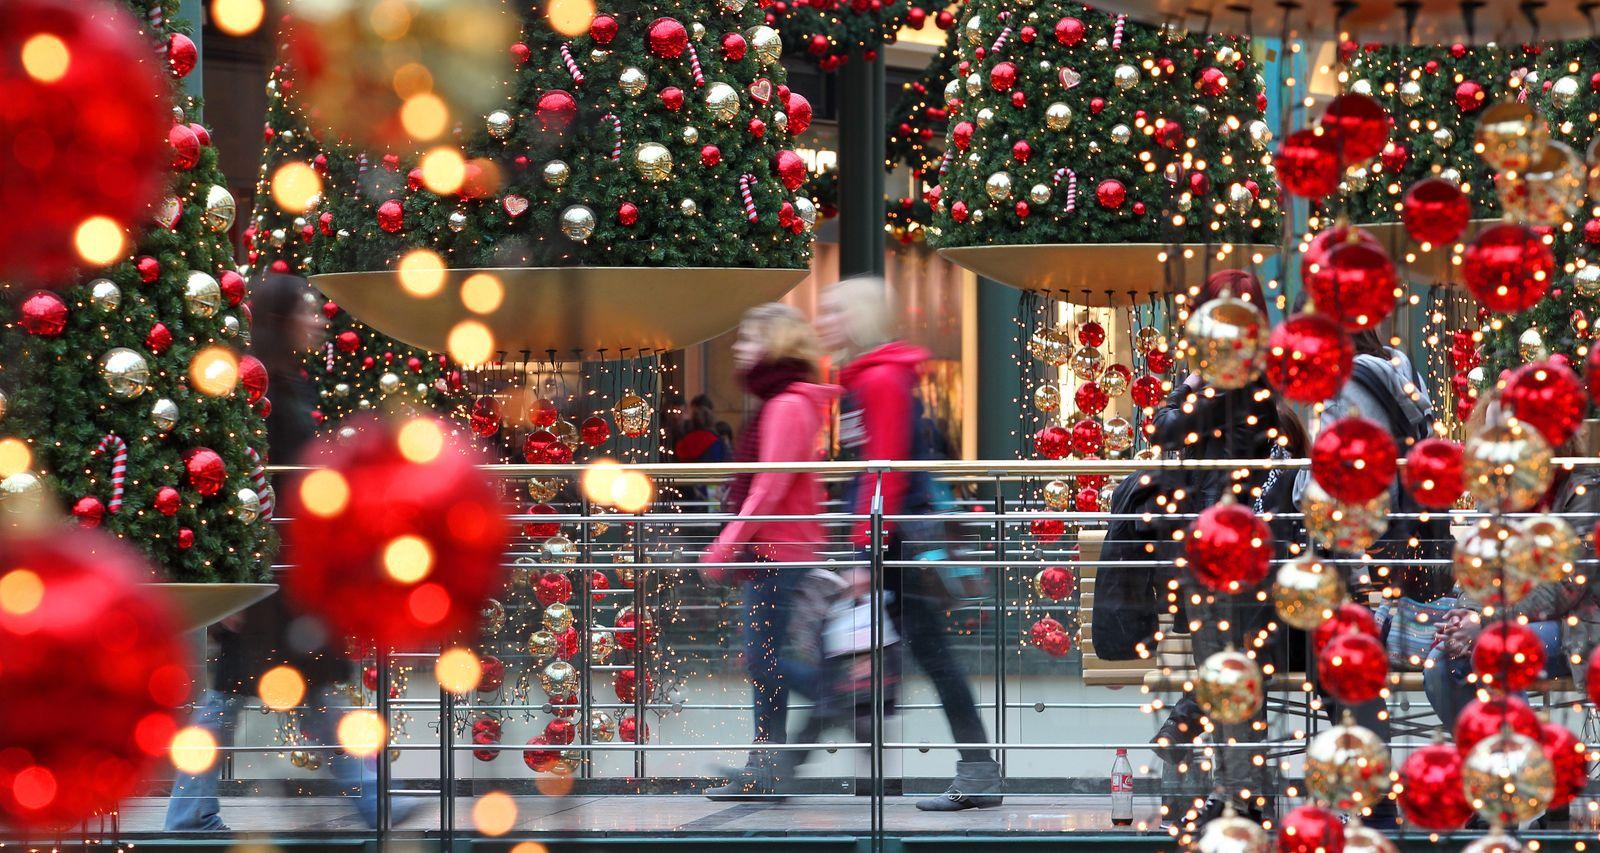 Letzte Einkäufe zu Weihnachten